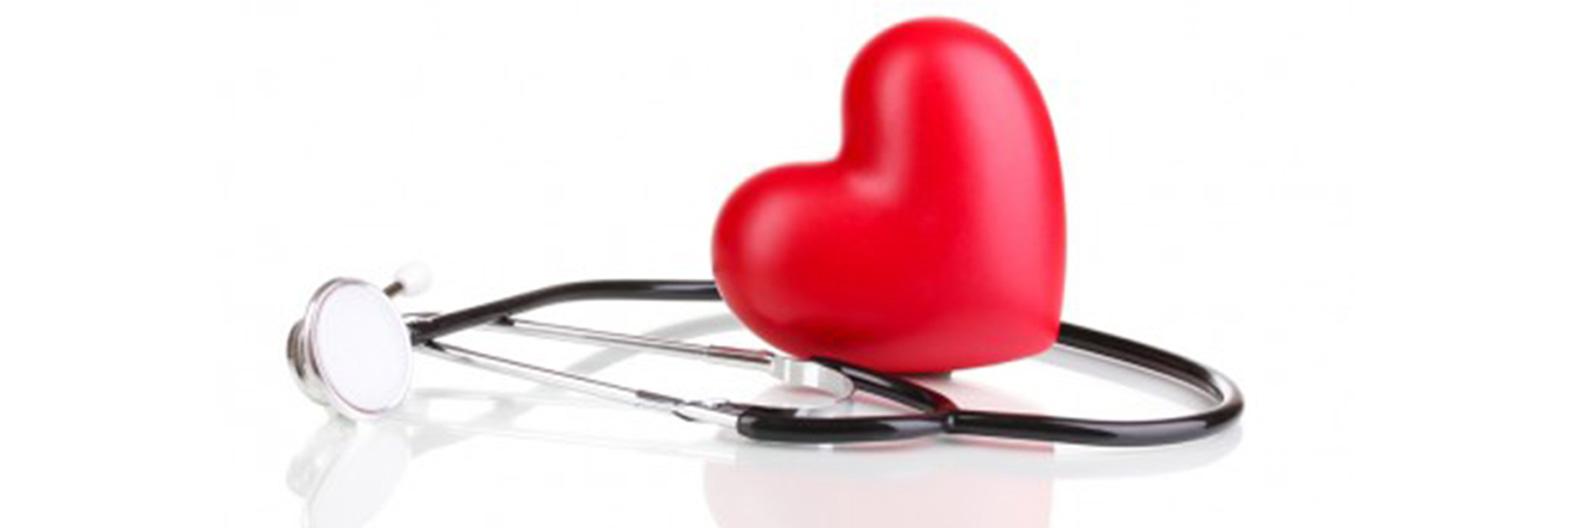 hipertenzijos atsakymo testas